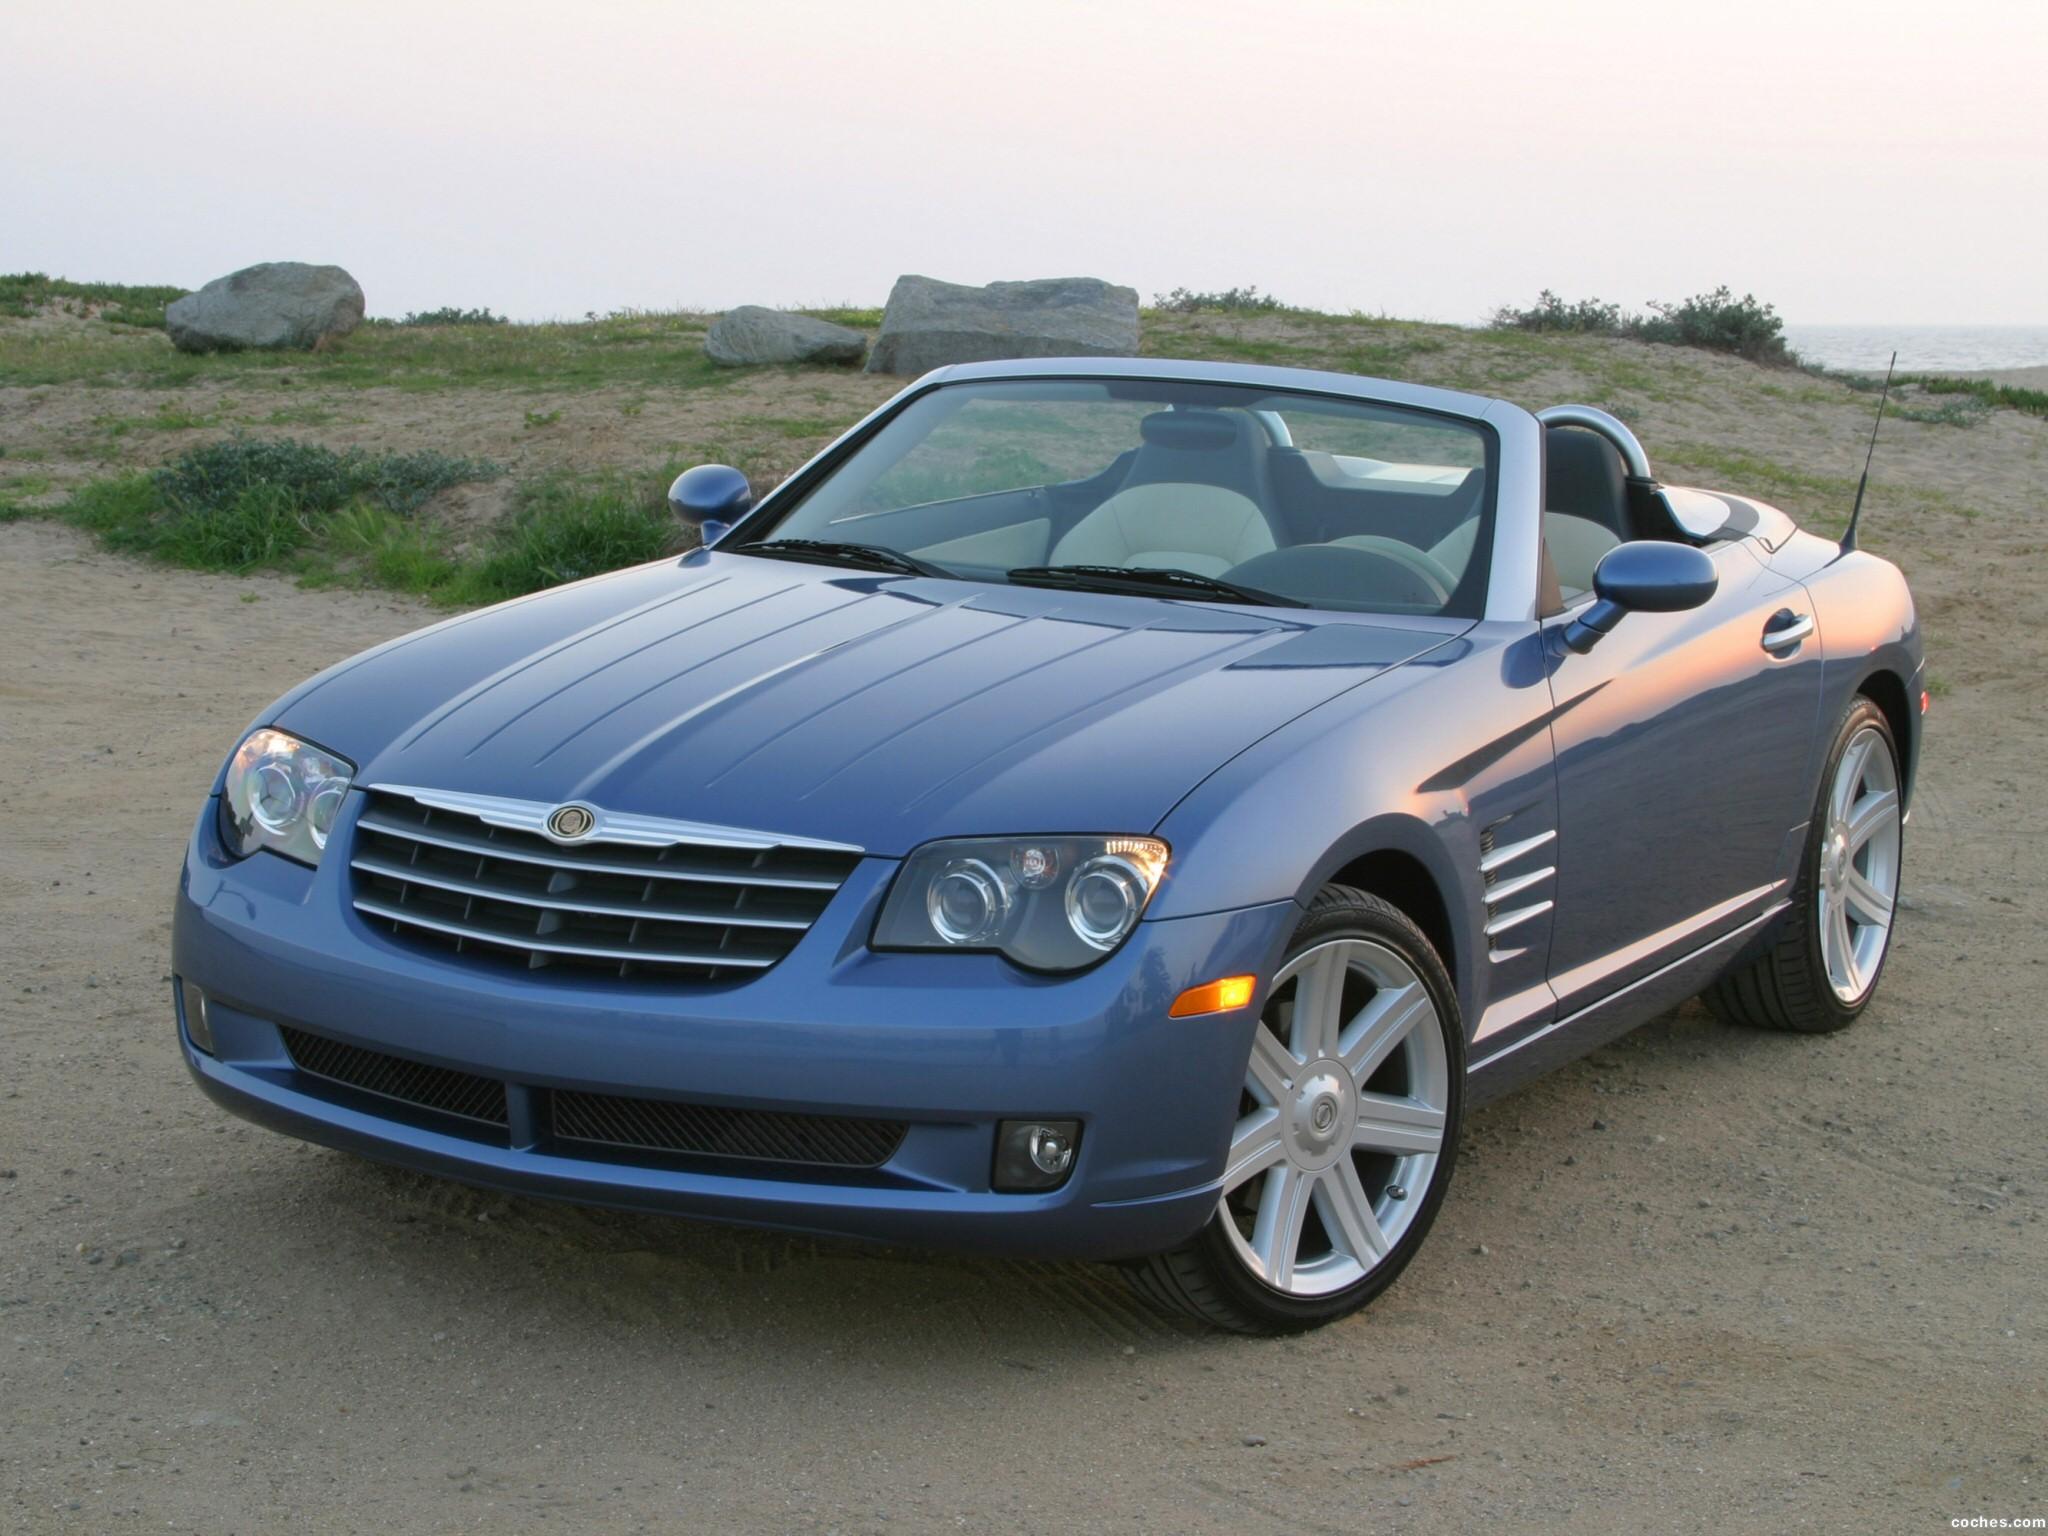 Foto 0 de Chrysler Crossfire Roadster 2004